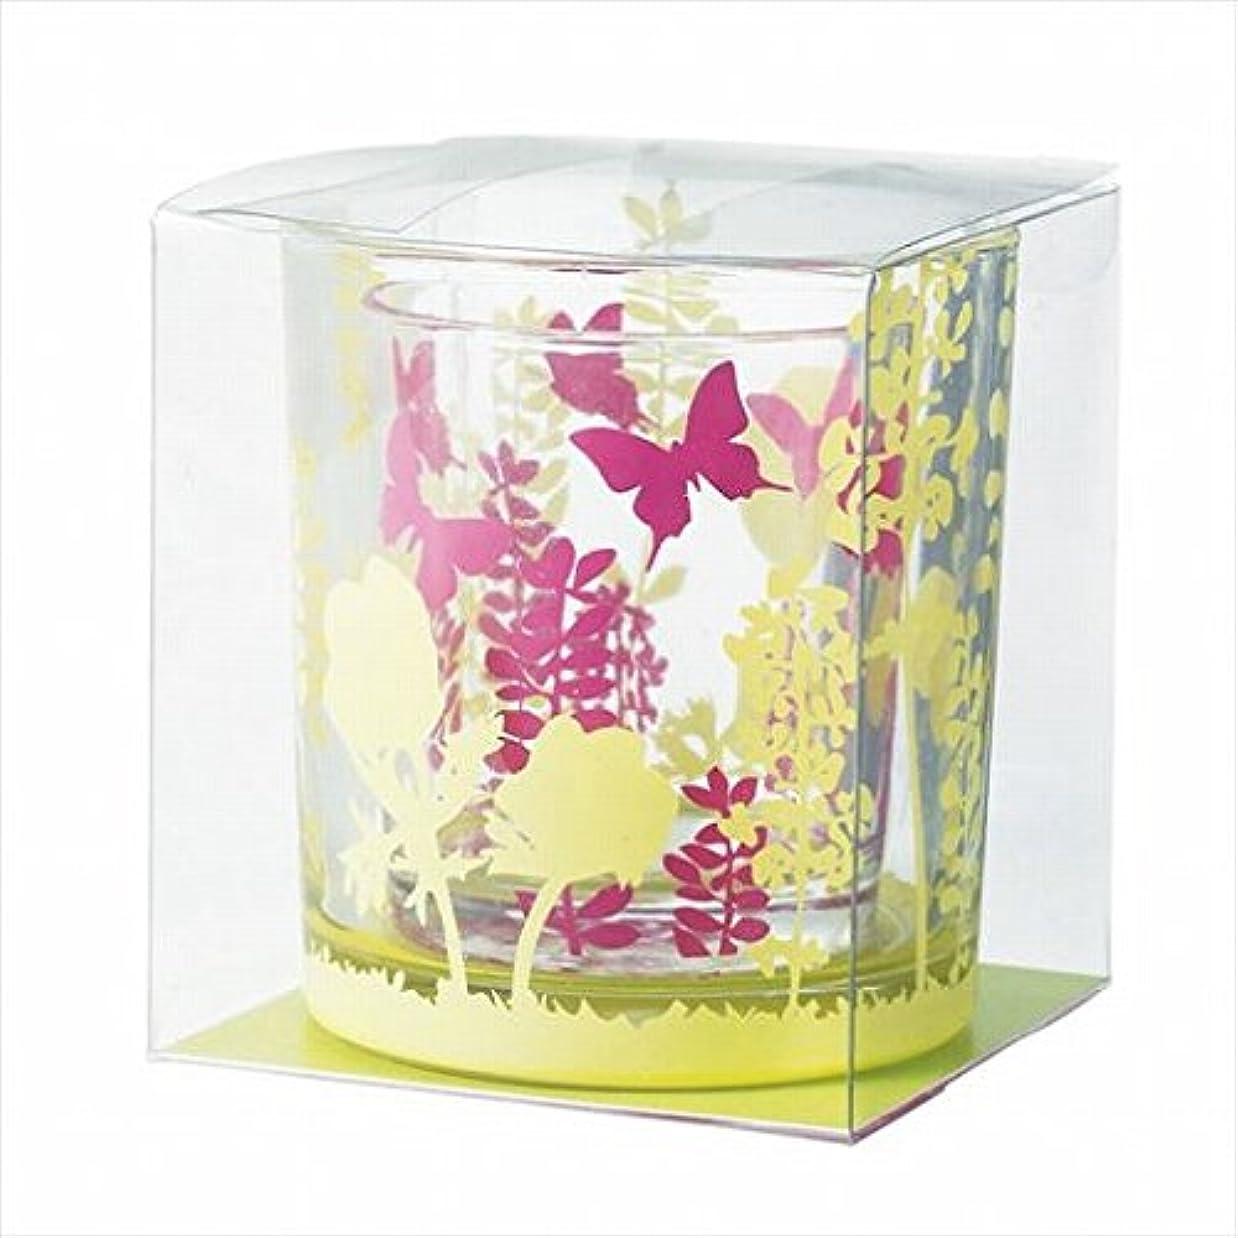 ダイエットバージン突然のカメヤマキャンドル(kameyama candle) ブルーミングデュエットグラス 「 ウォームカラー 」